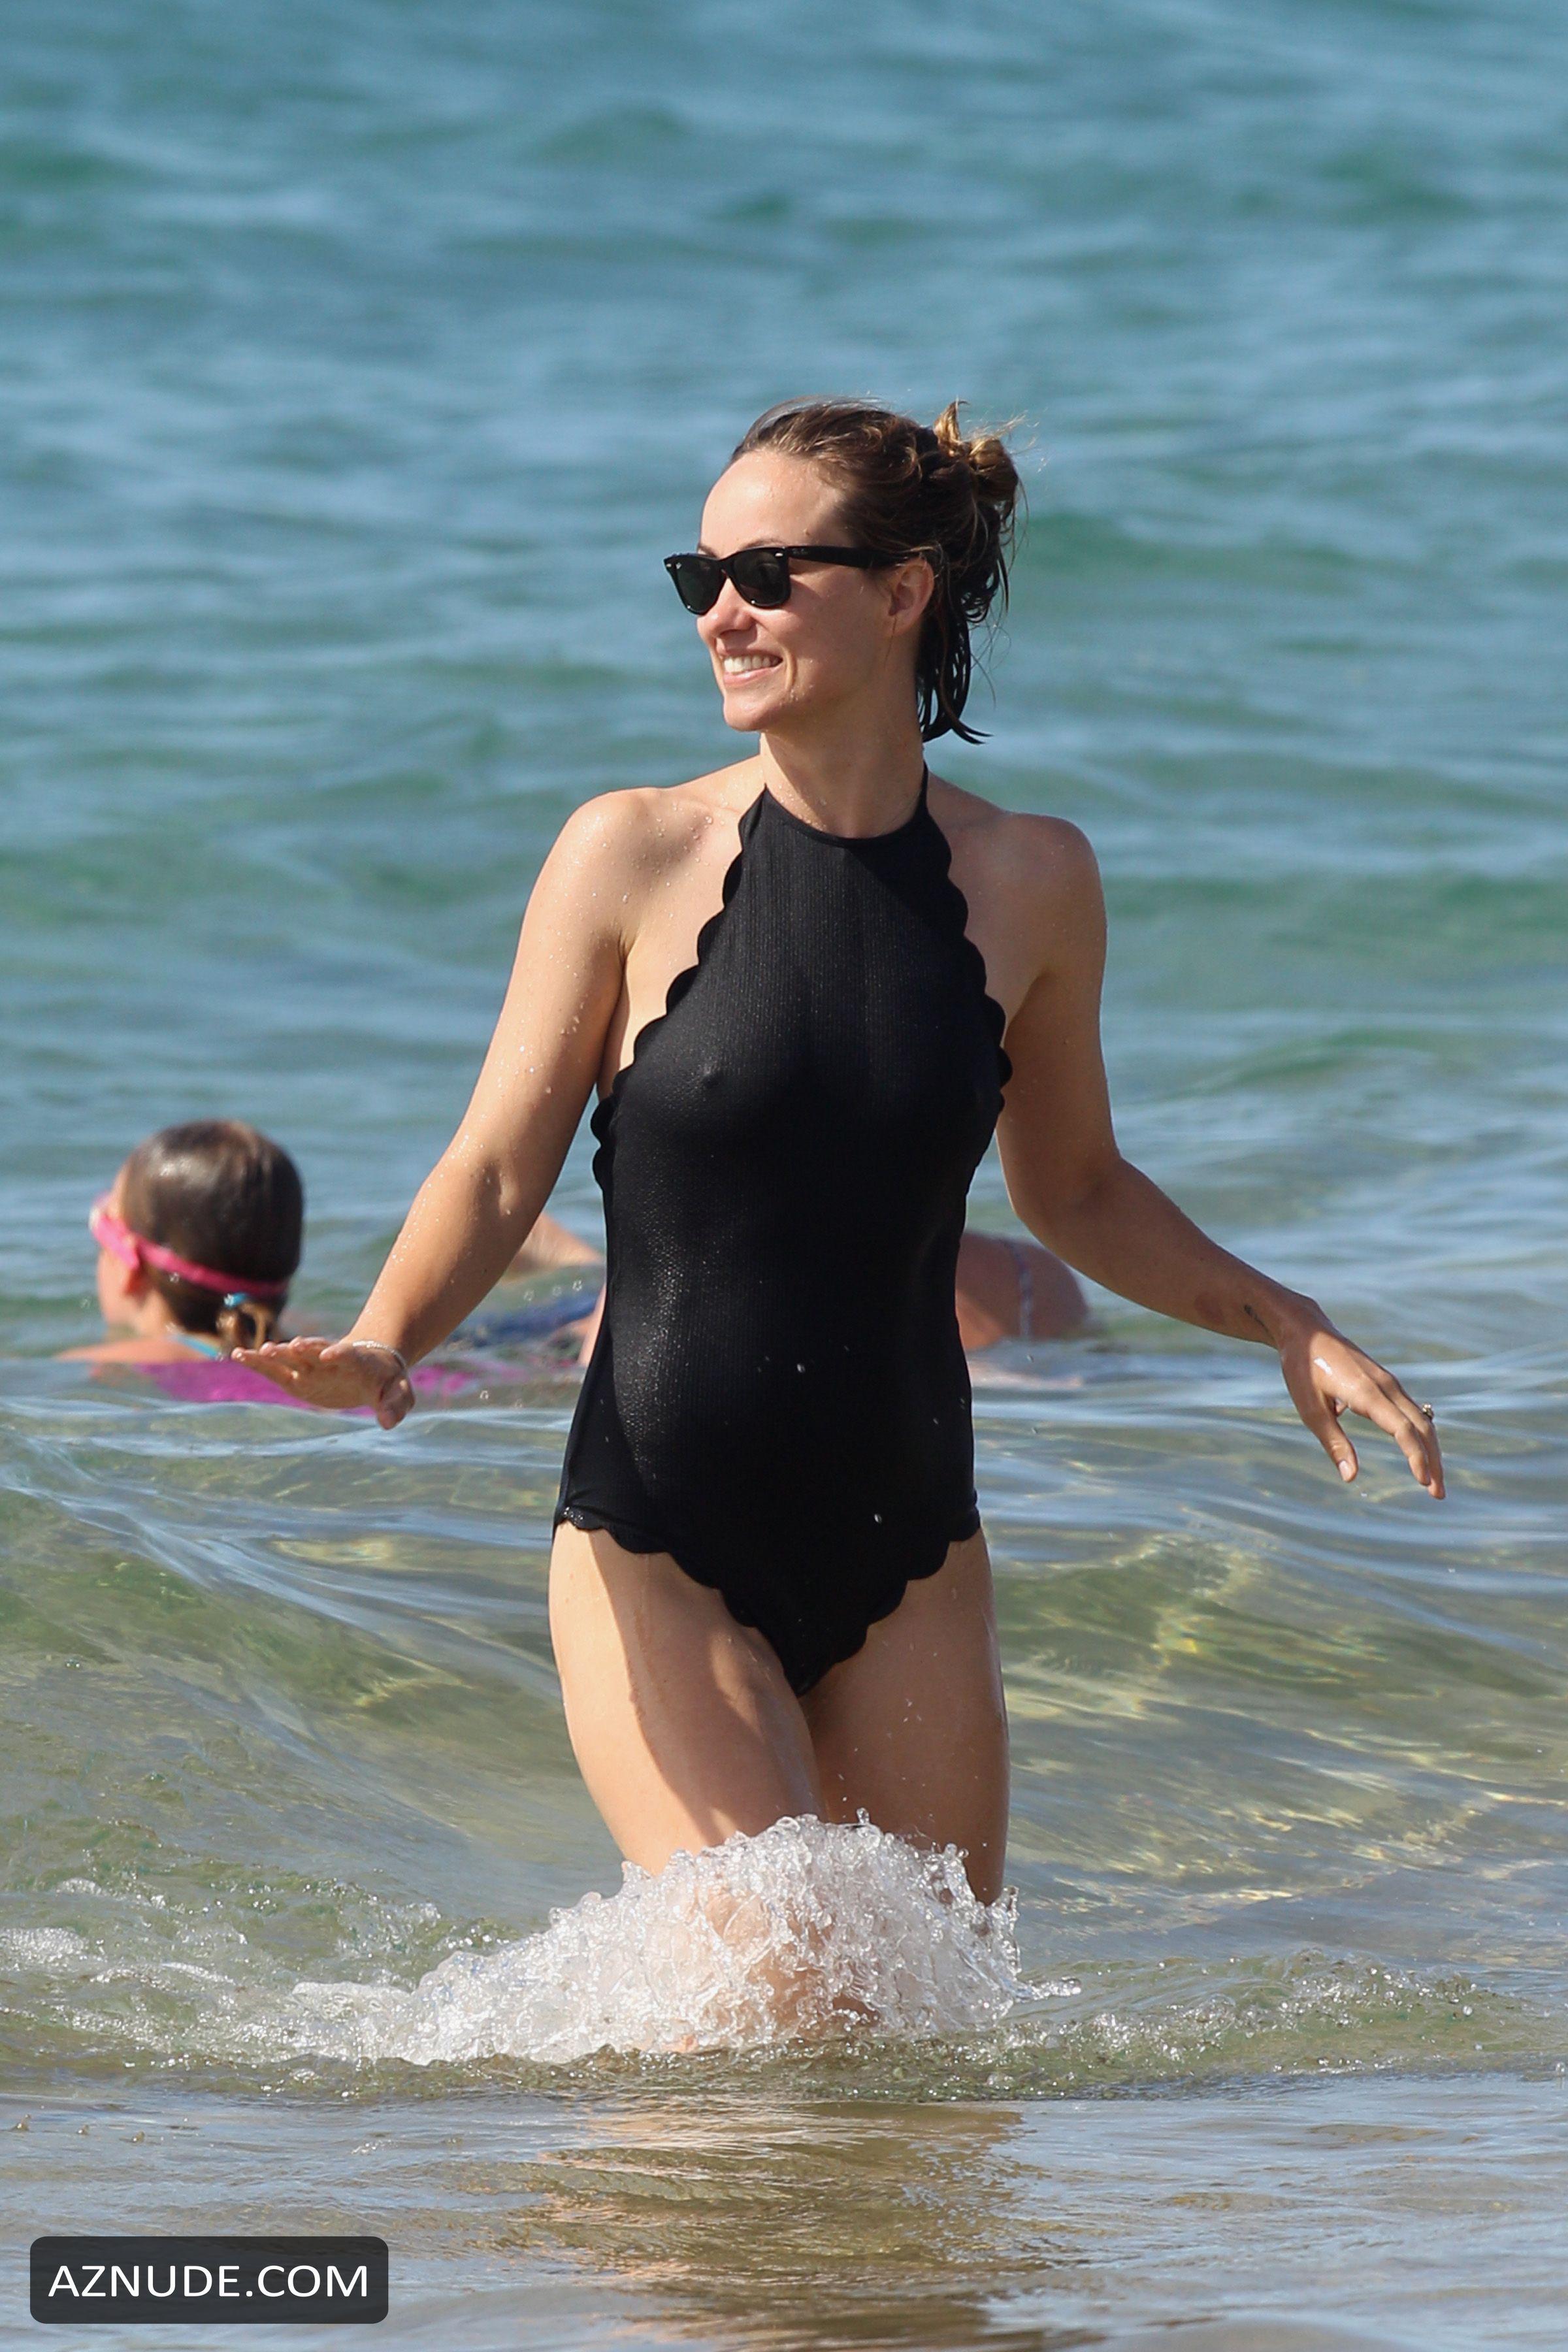 olivia wilde nude beach